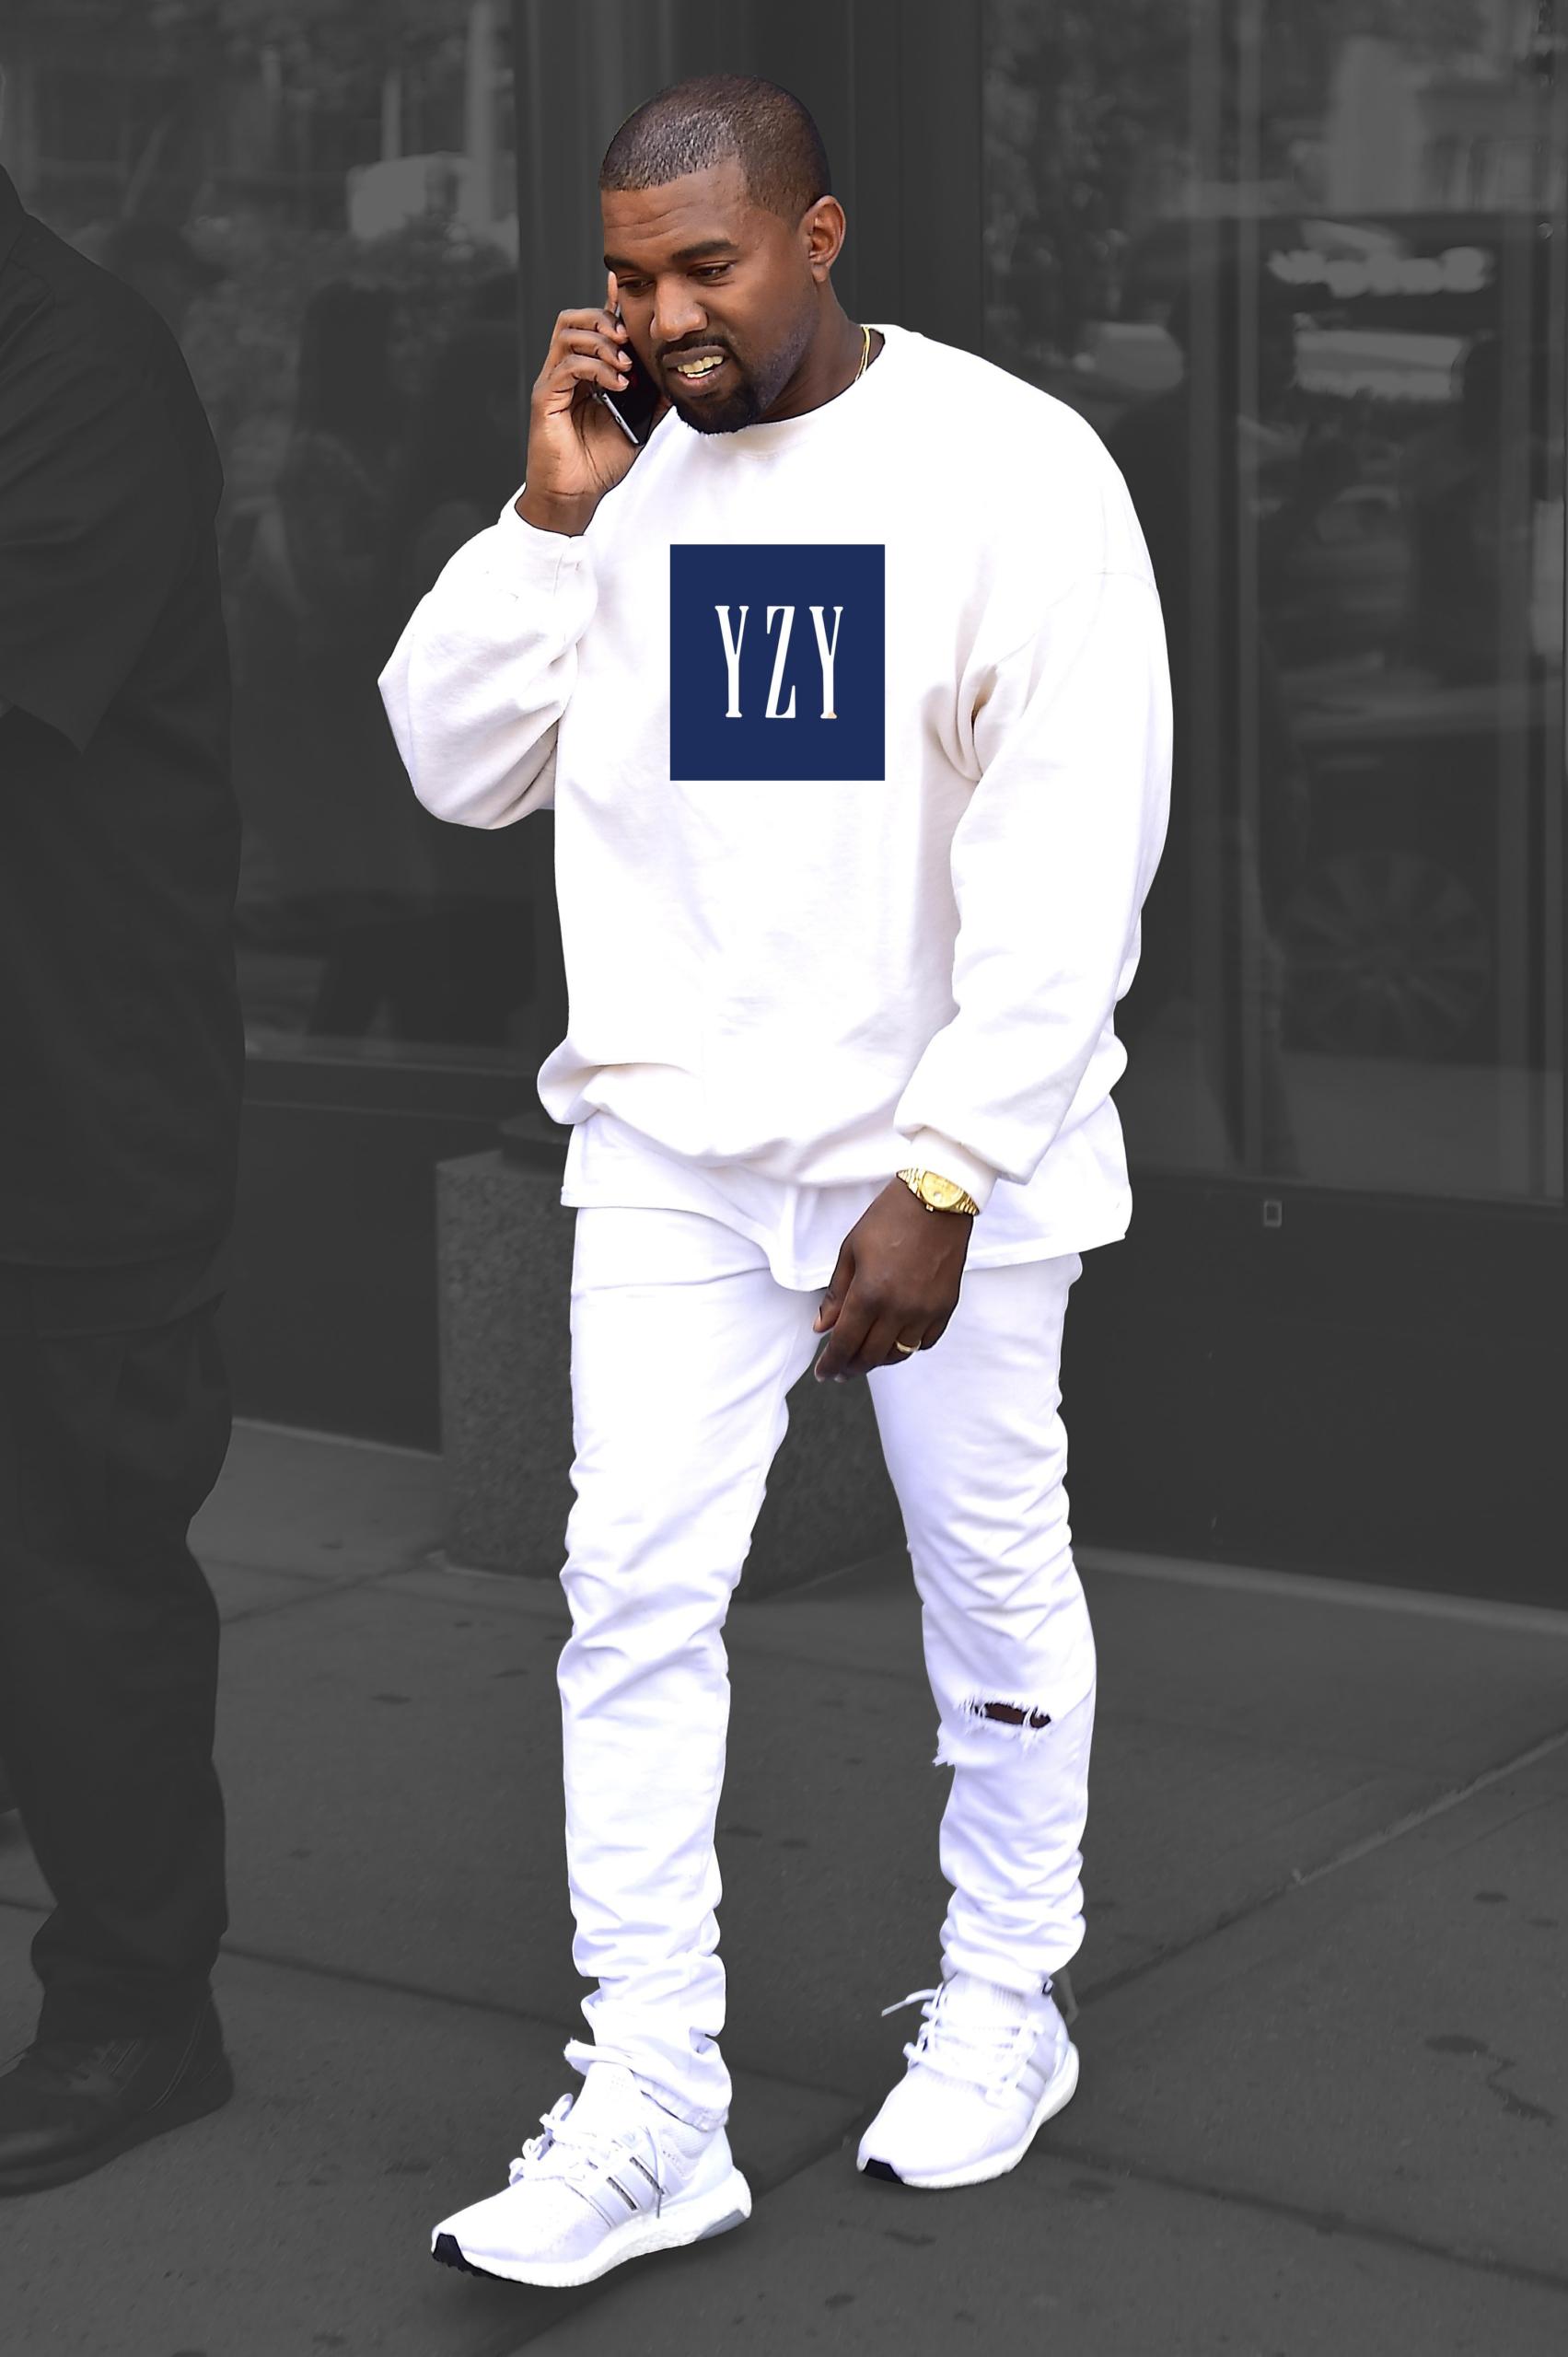 Kanye West y Gap se unen para colaborar en línea de ropa low cost hasta el 2030